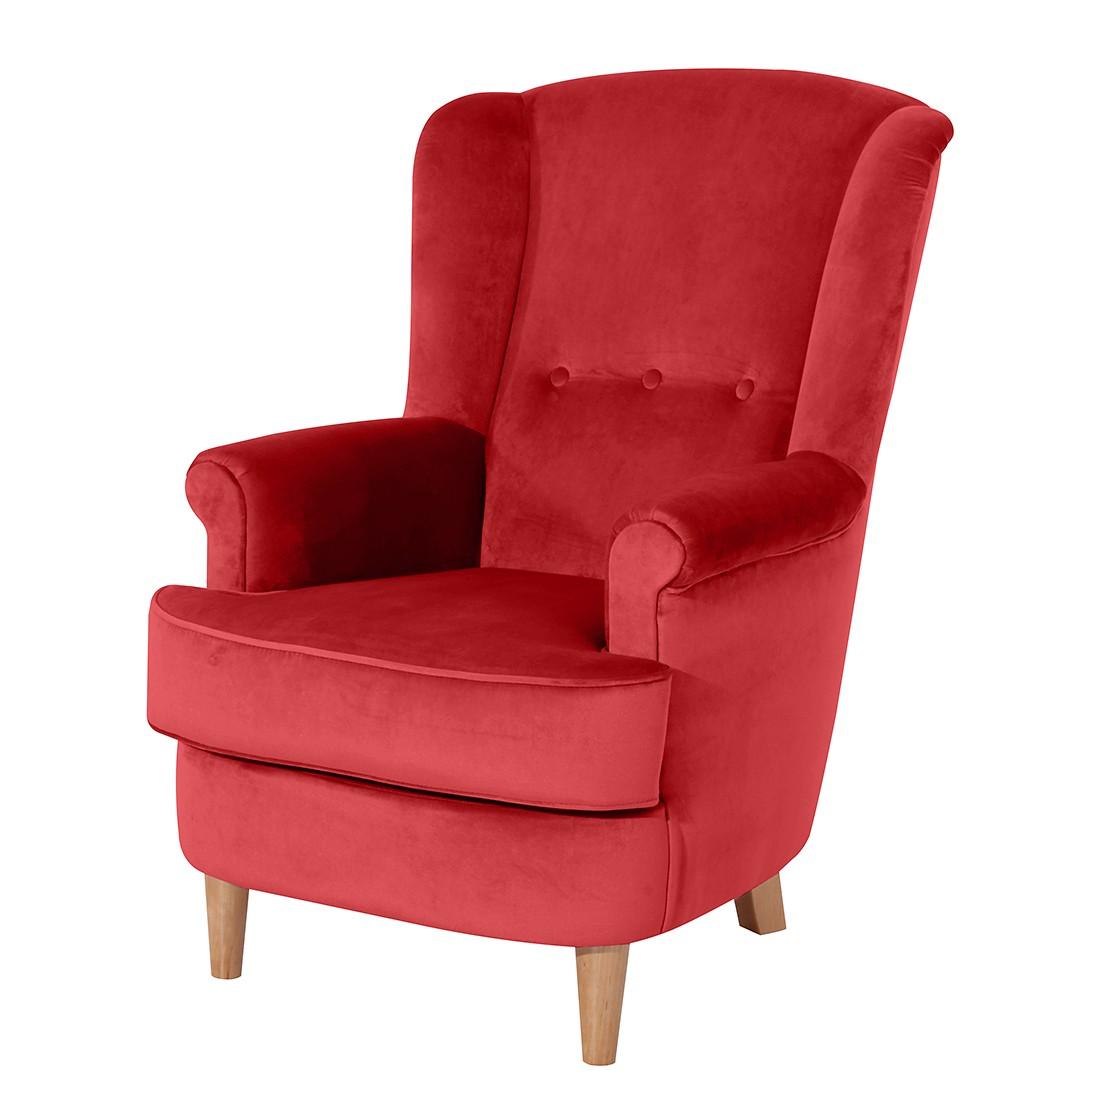 ohrensessel rot preisvergleiche erfahrungsberichte und. Black Bedroom Furniture Sets. Home Design Ideas